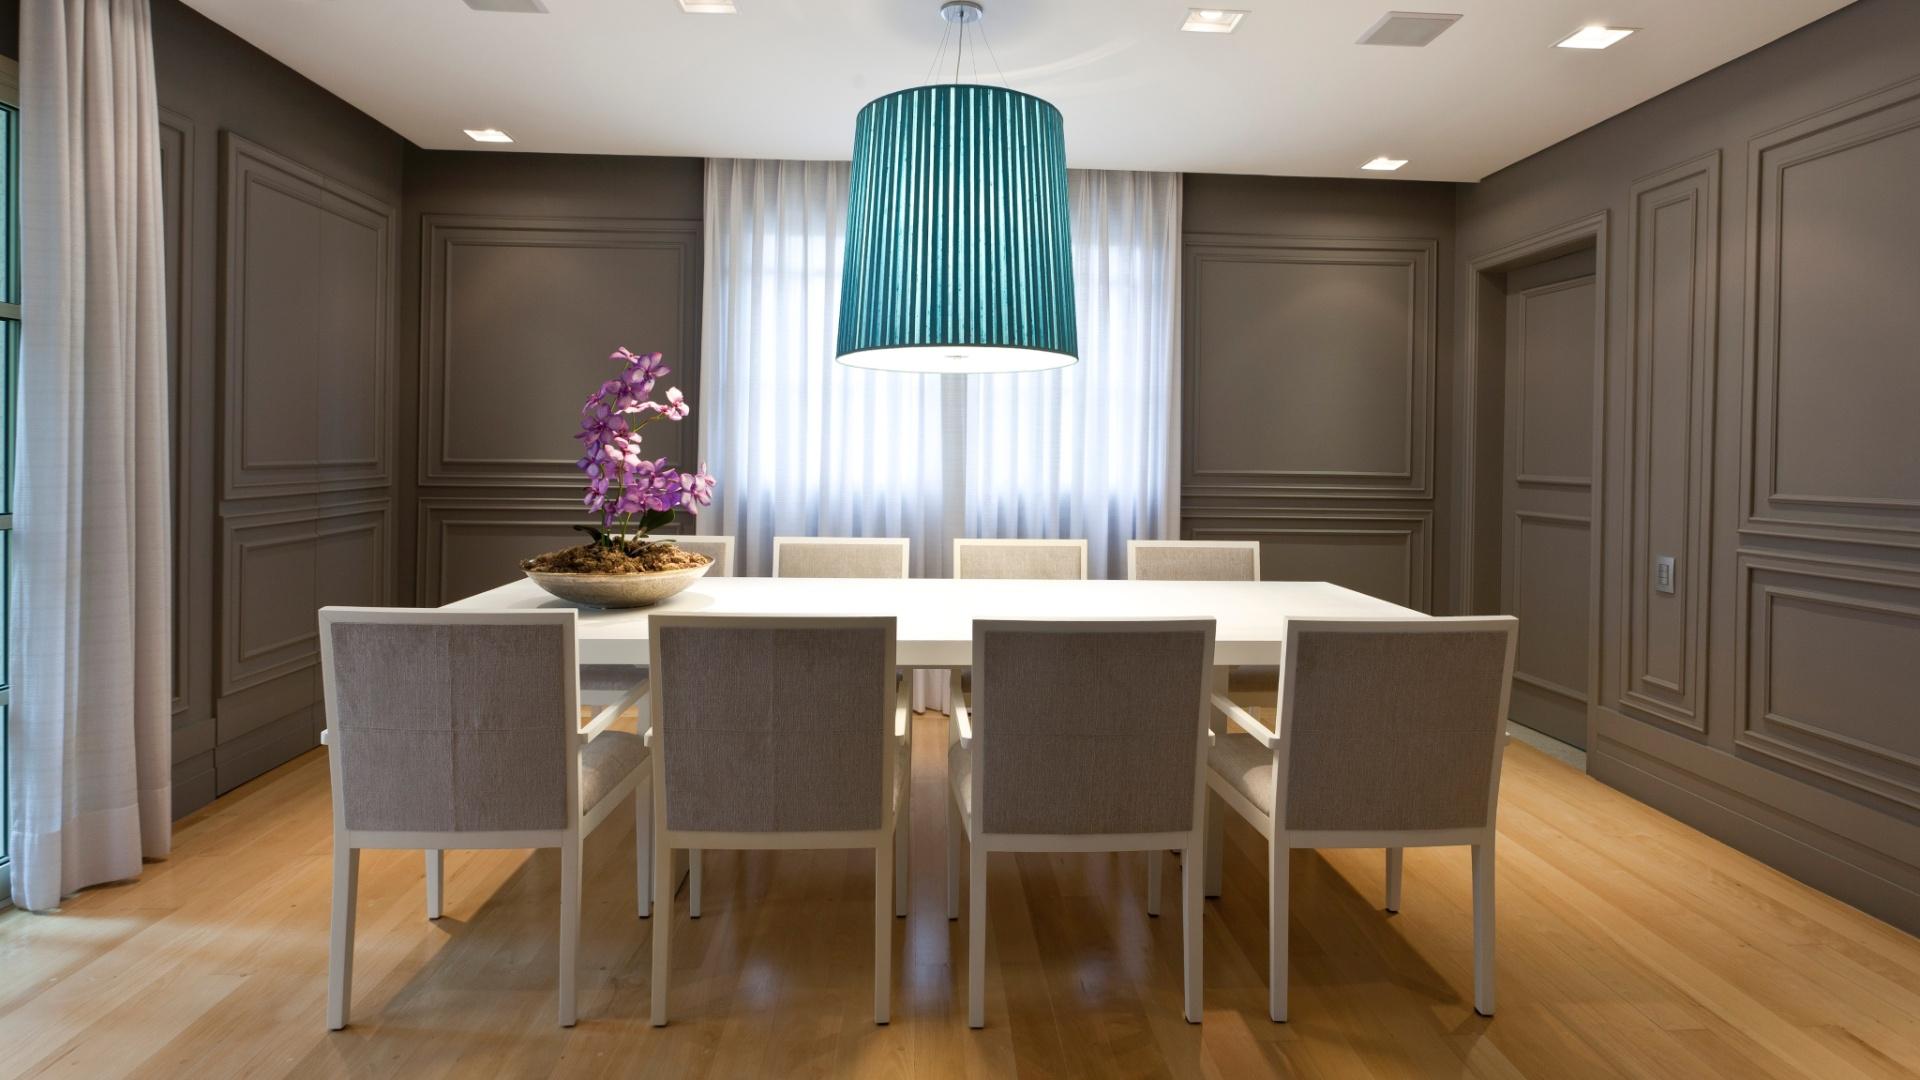 Pruzak Com Sala De Jantar Com Laca Branca Id Ias Interessantes  -> Sala Branca Com Parede Colorida